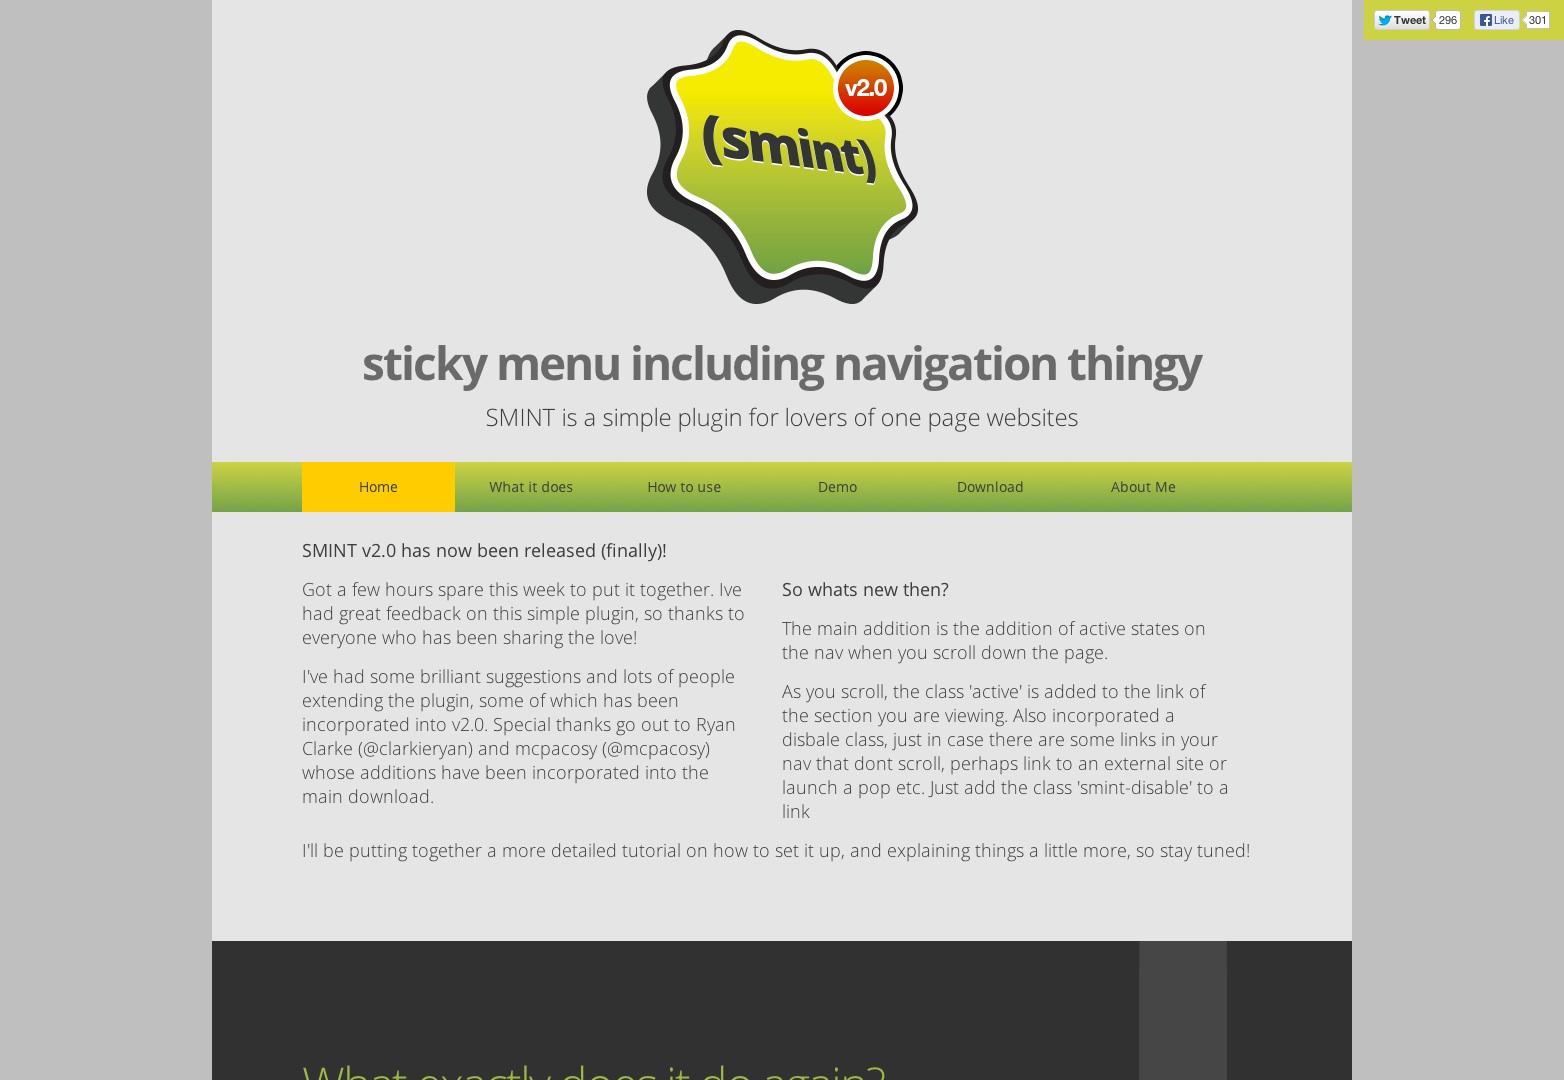 SMINT | Jednoduchý plugin jQuery pro milovníky stránek na jedné stránce.